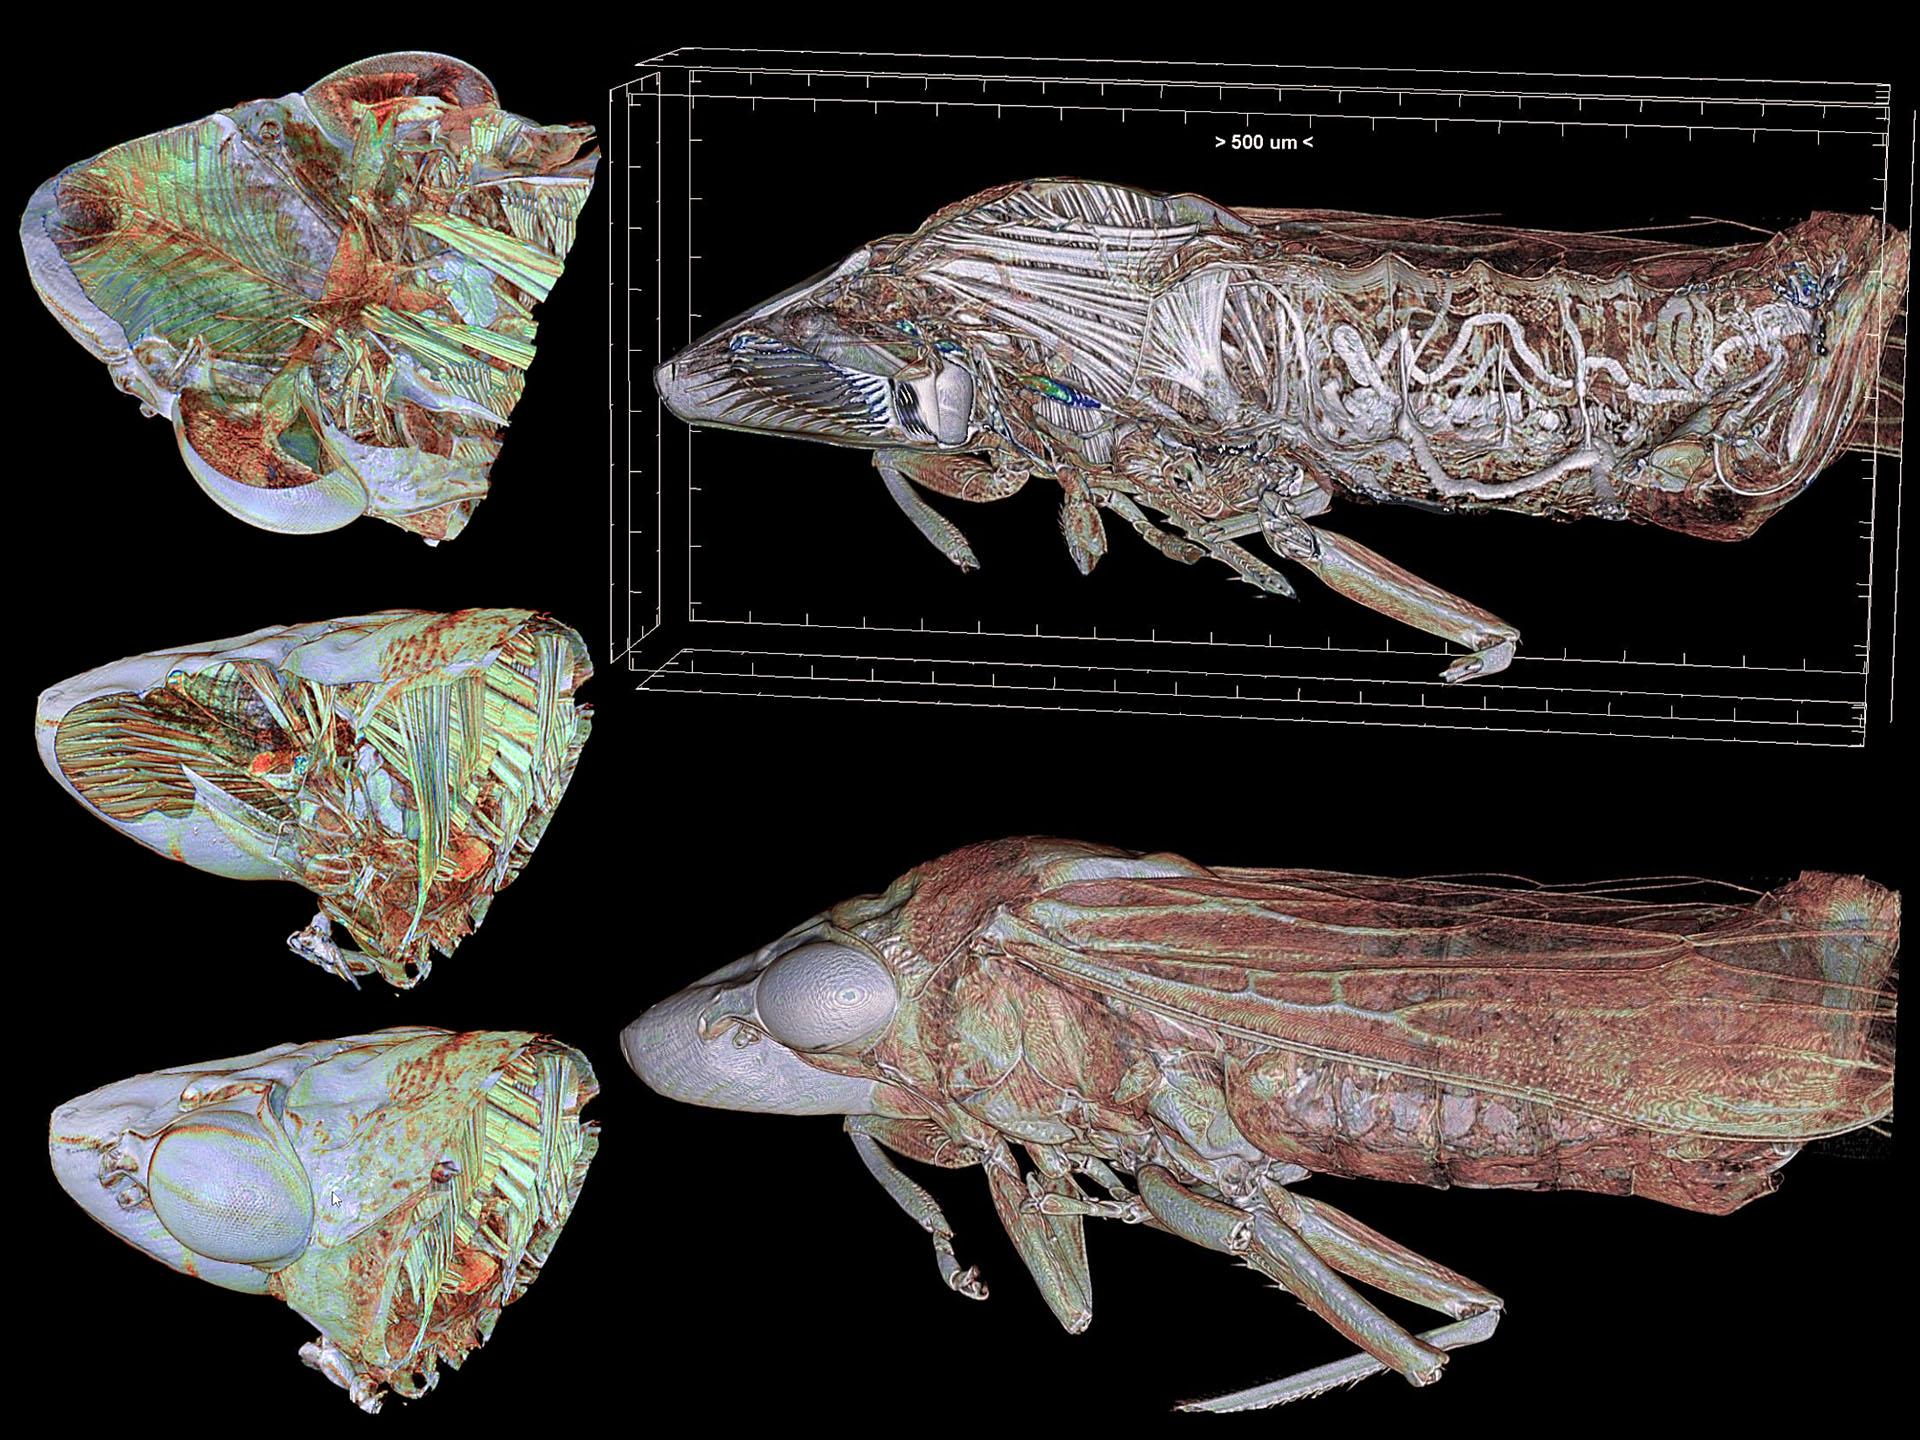 Arte y ciencia en el interior de un insecto